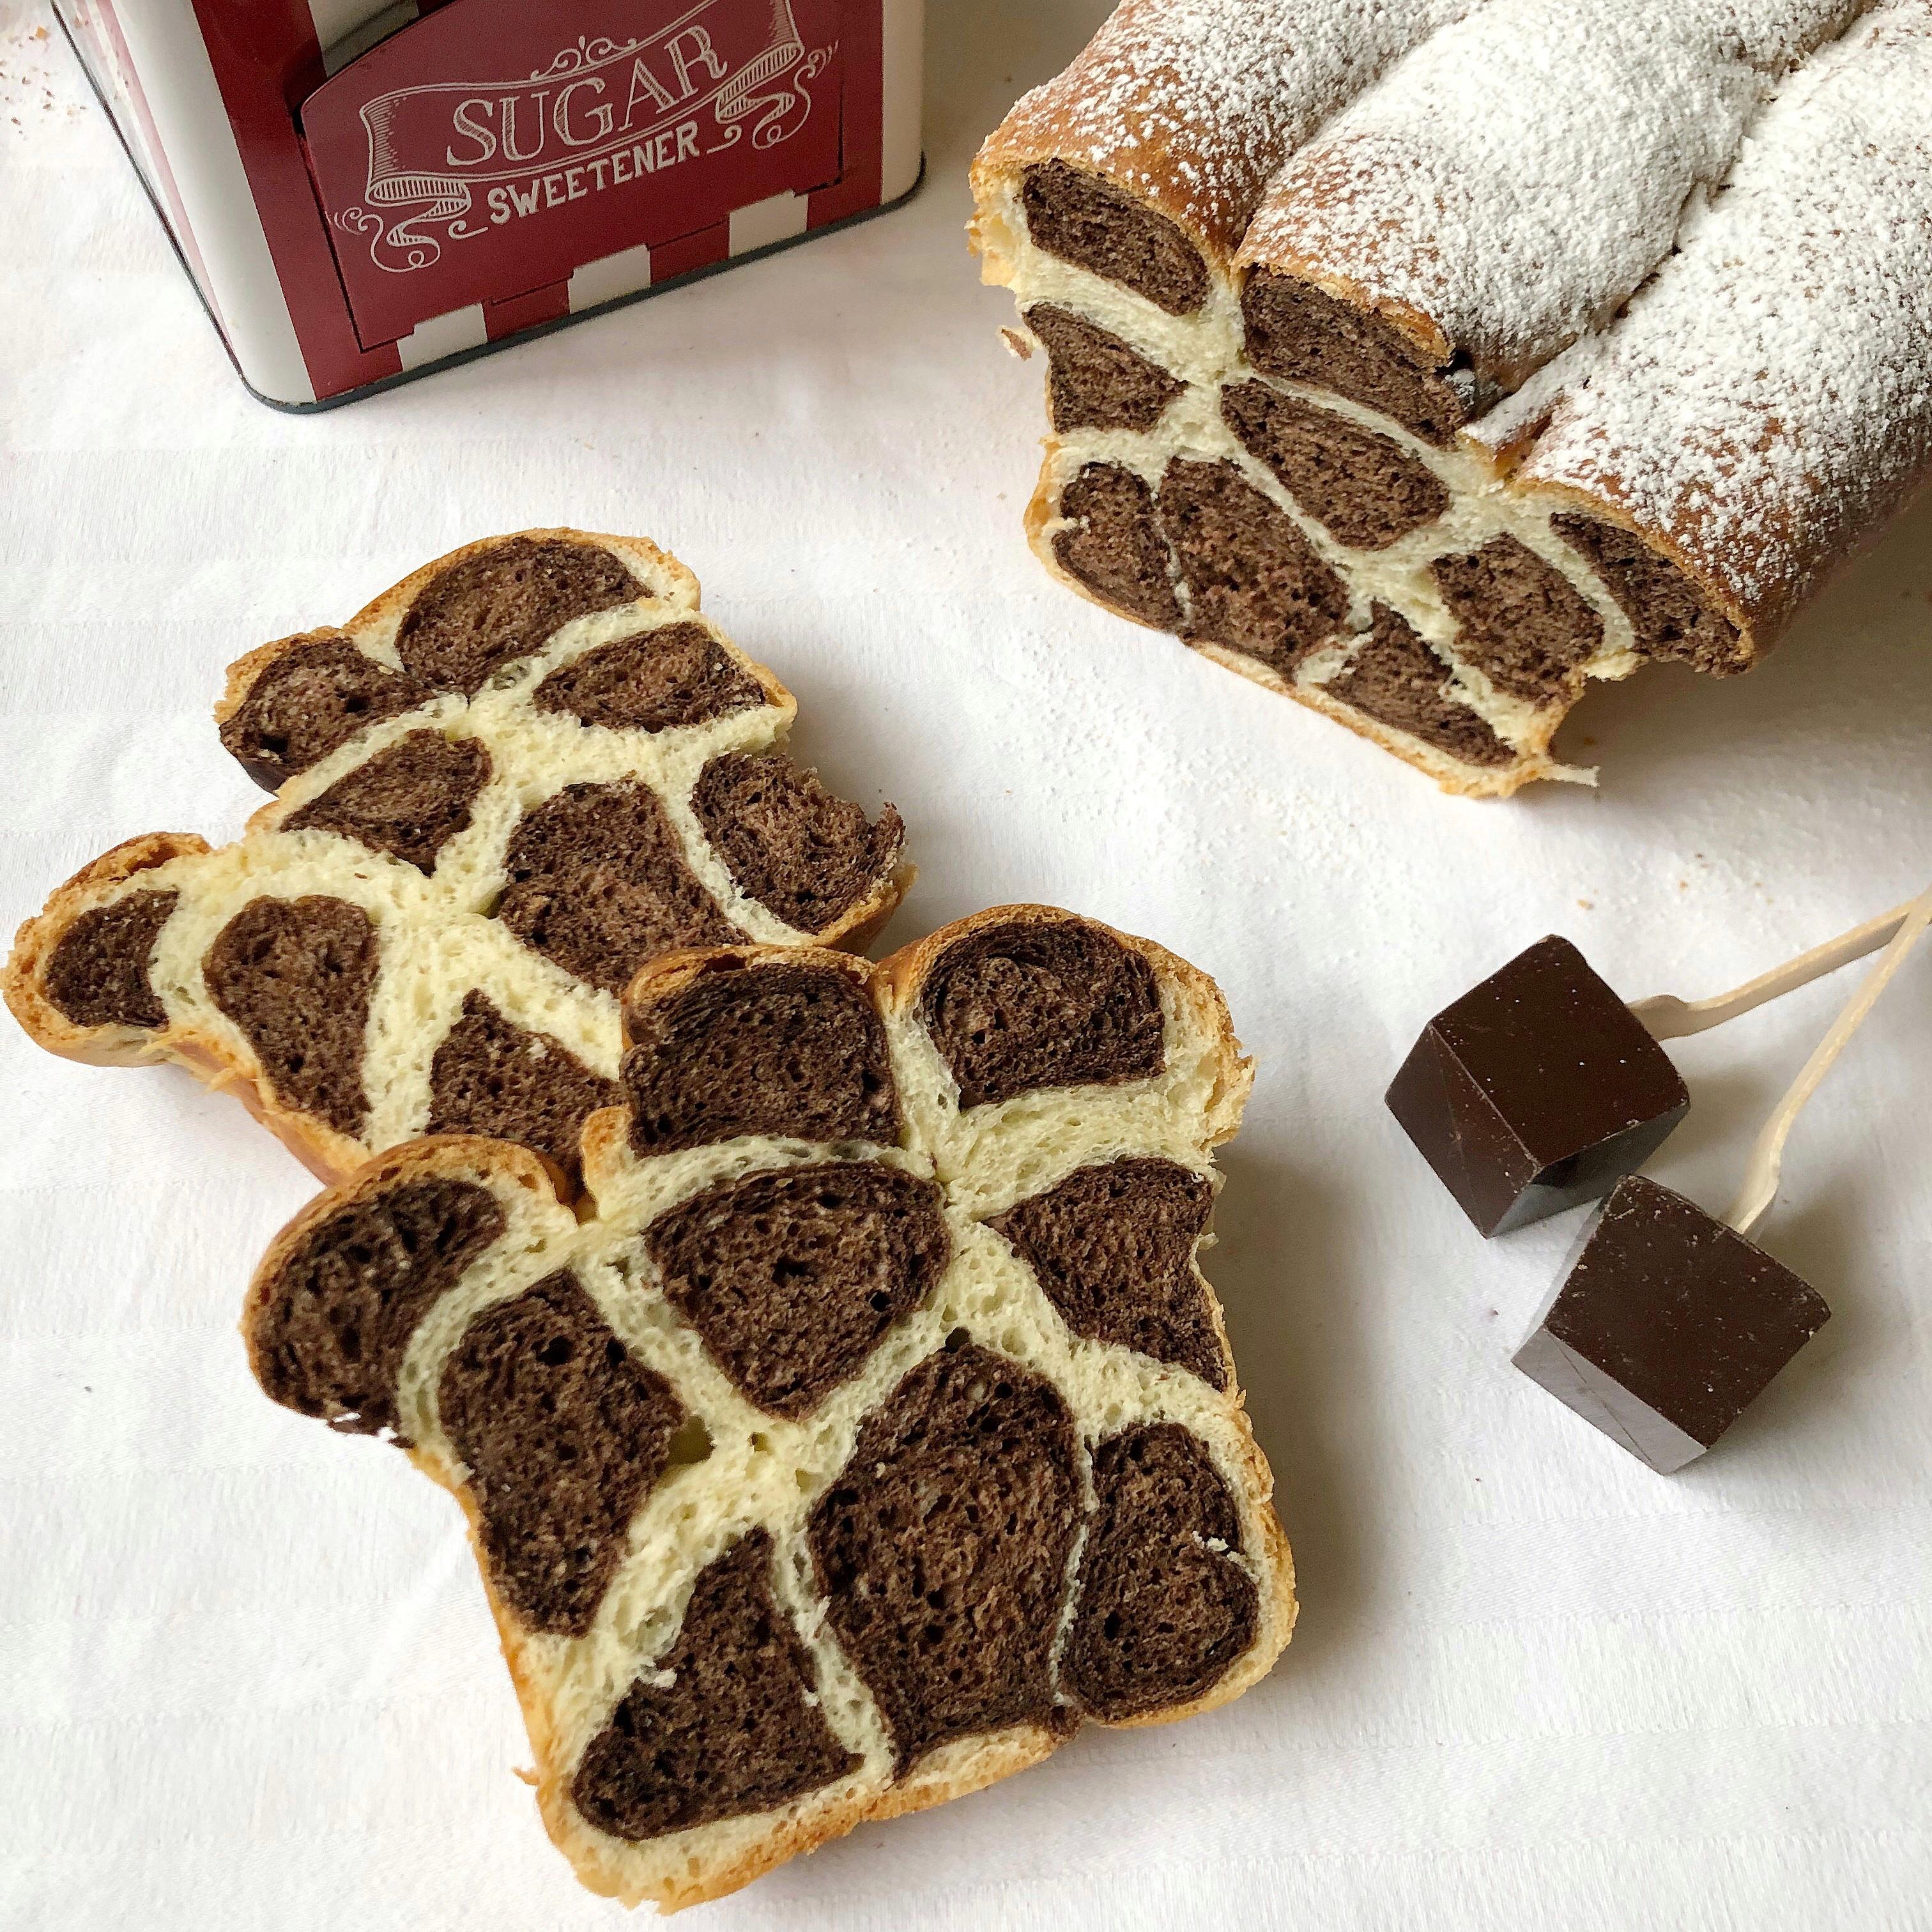 Panbrioche Leopardato Senza Burro, un dolce speciale e scenografico di dolci senza burro